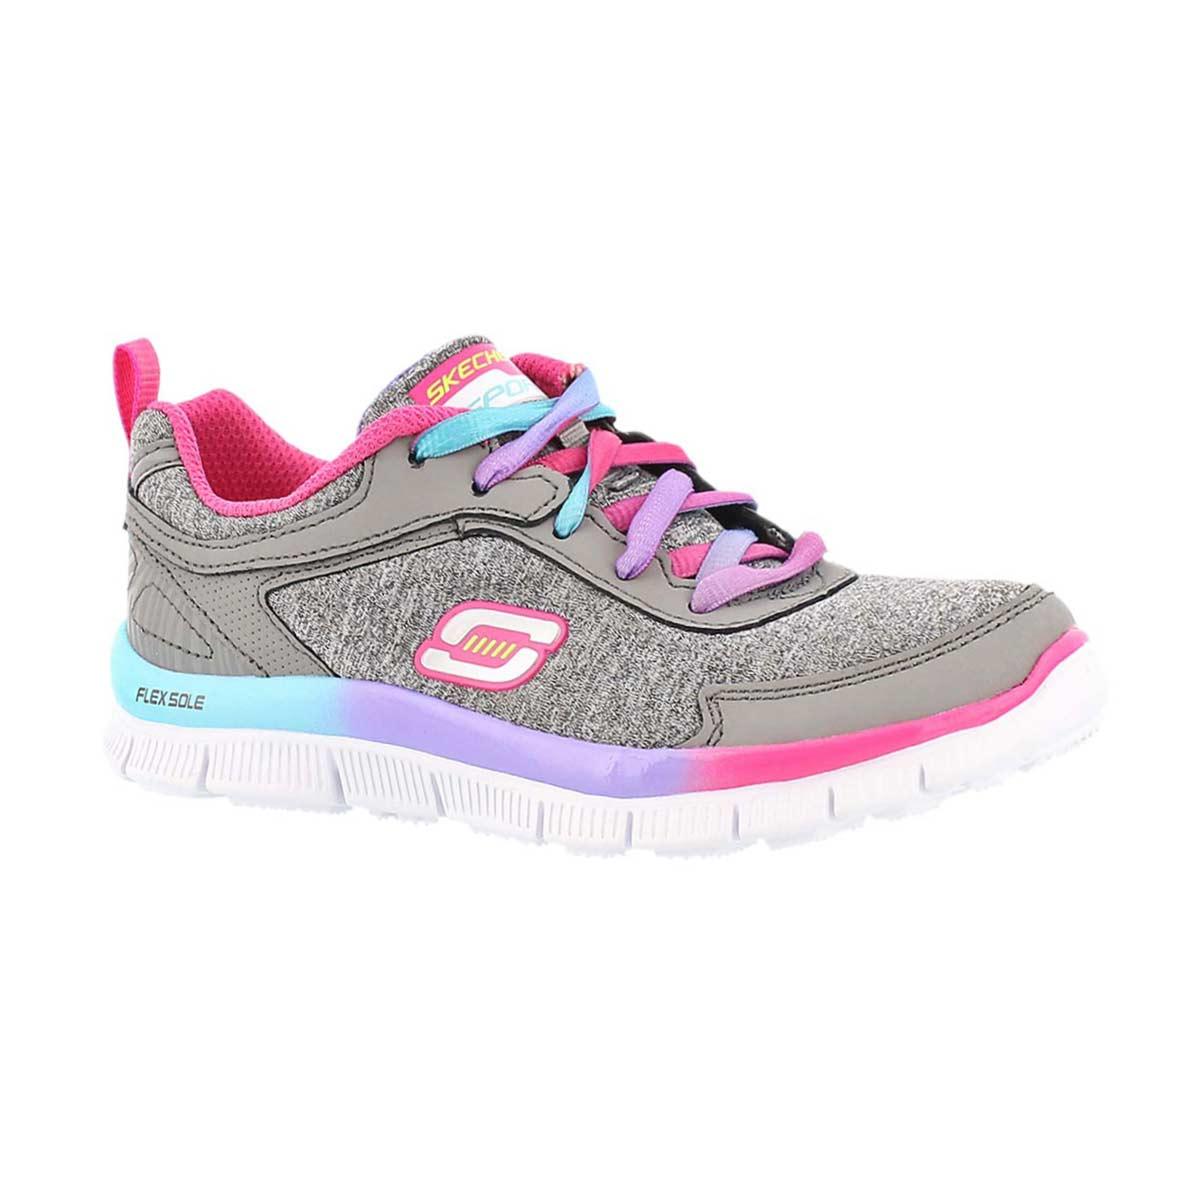 Grls Skech Appeal grey lace up sneaker